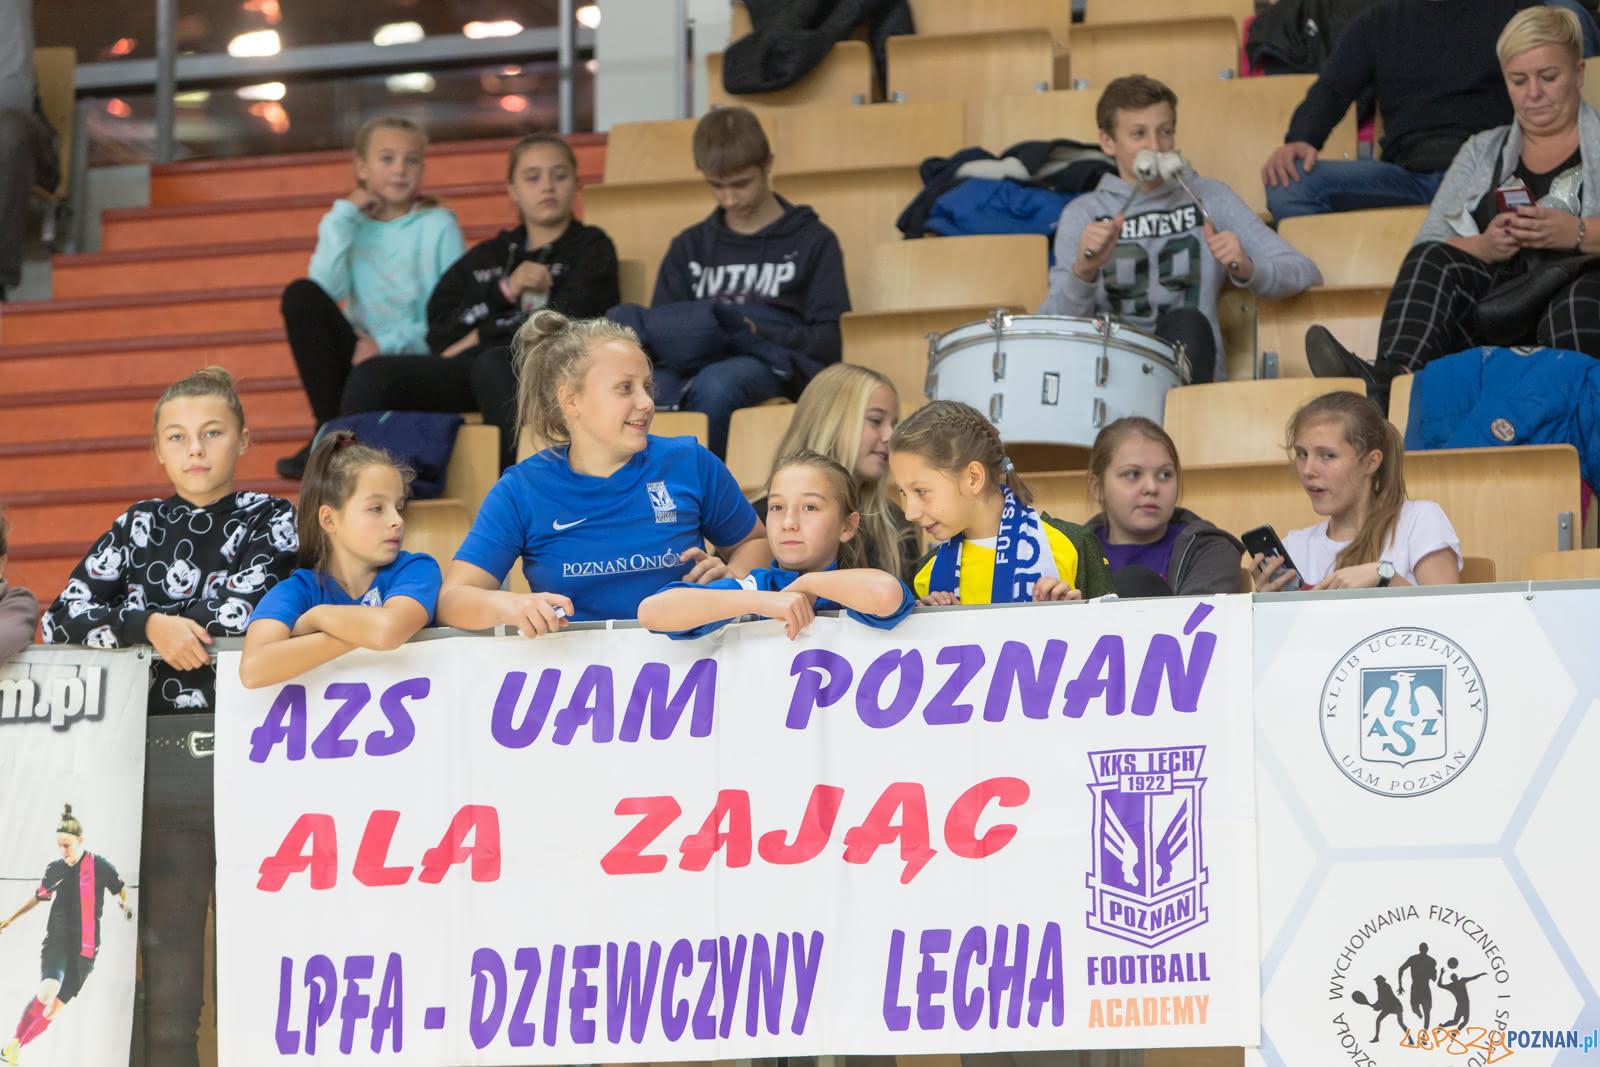 AZS UAM Poznań - AZS Uniwersytet Warszawski  Foto: lepszyPOZNAN.pl/Piotr Rychter